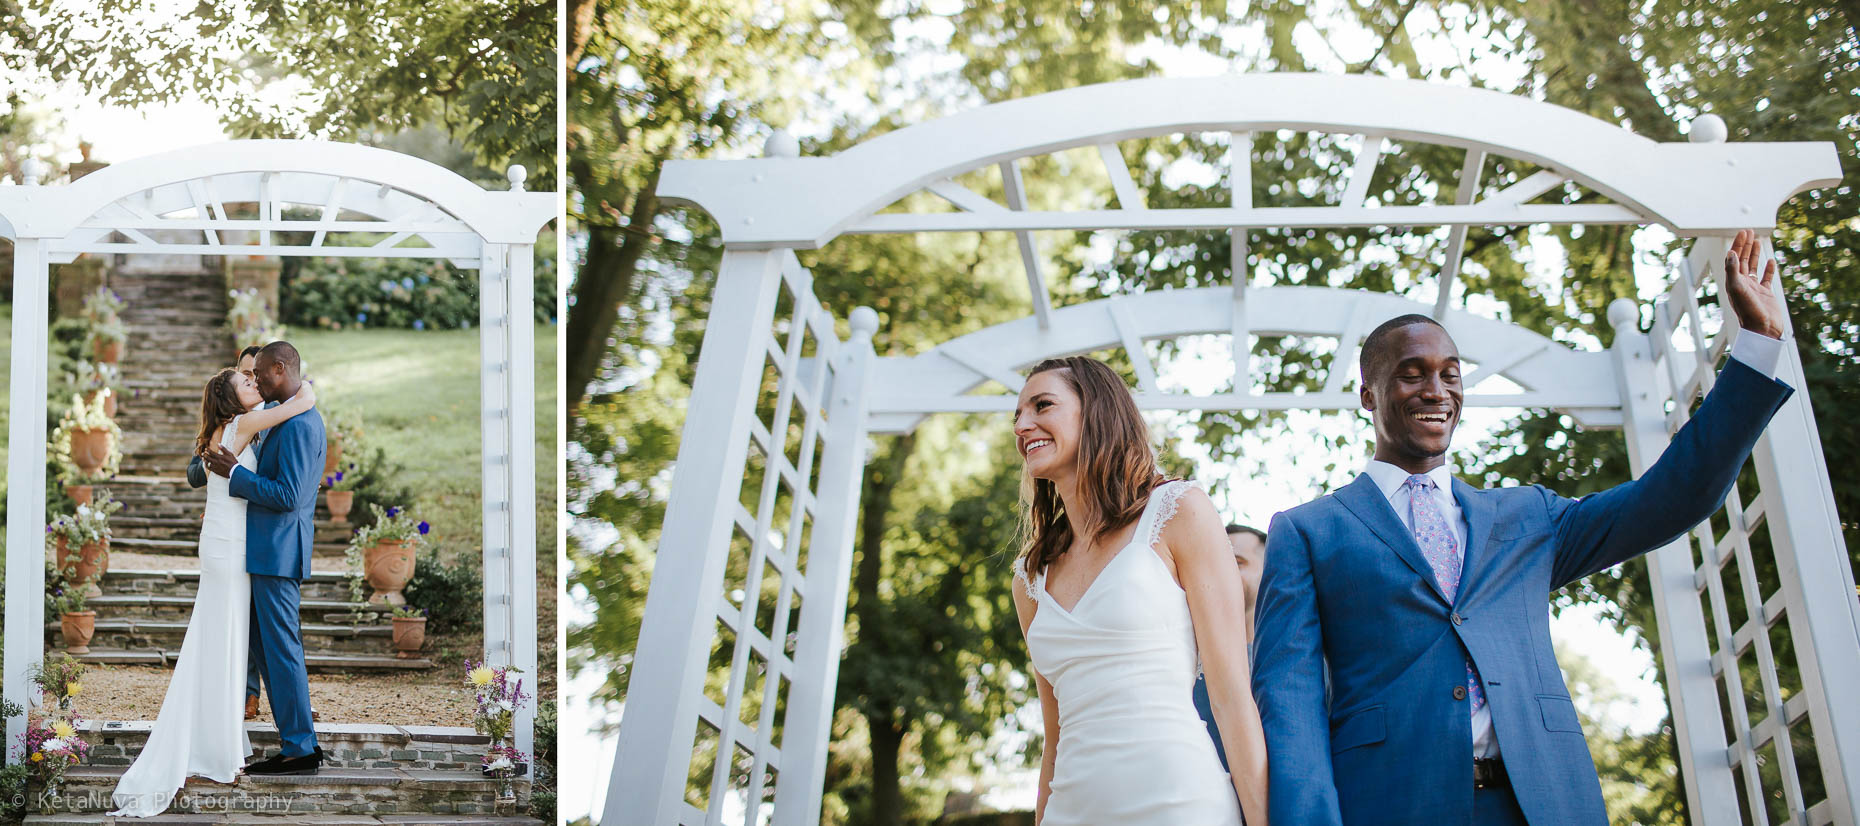 Sunken Garden - Lauxmont Farms Wedding | Aubrey & Barrett Lauxmont Farms Wedding Sunken Garden 012